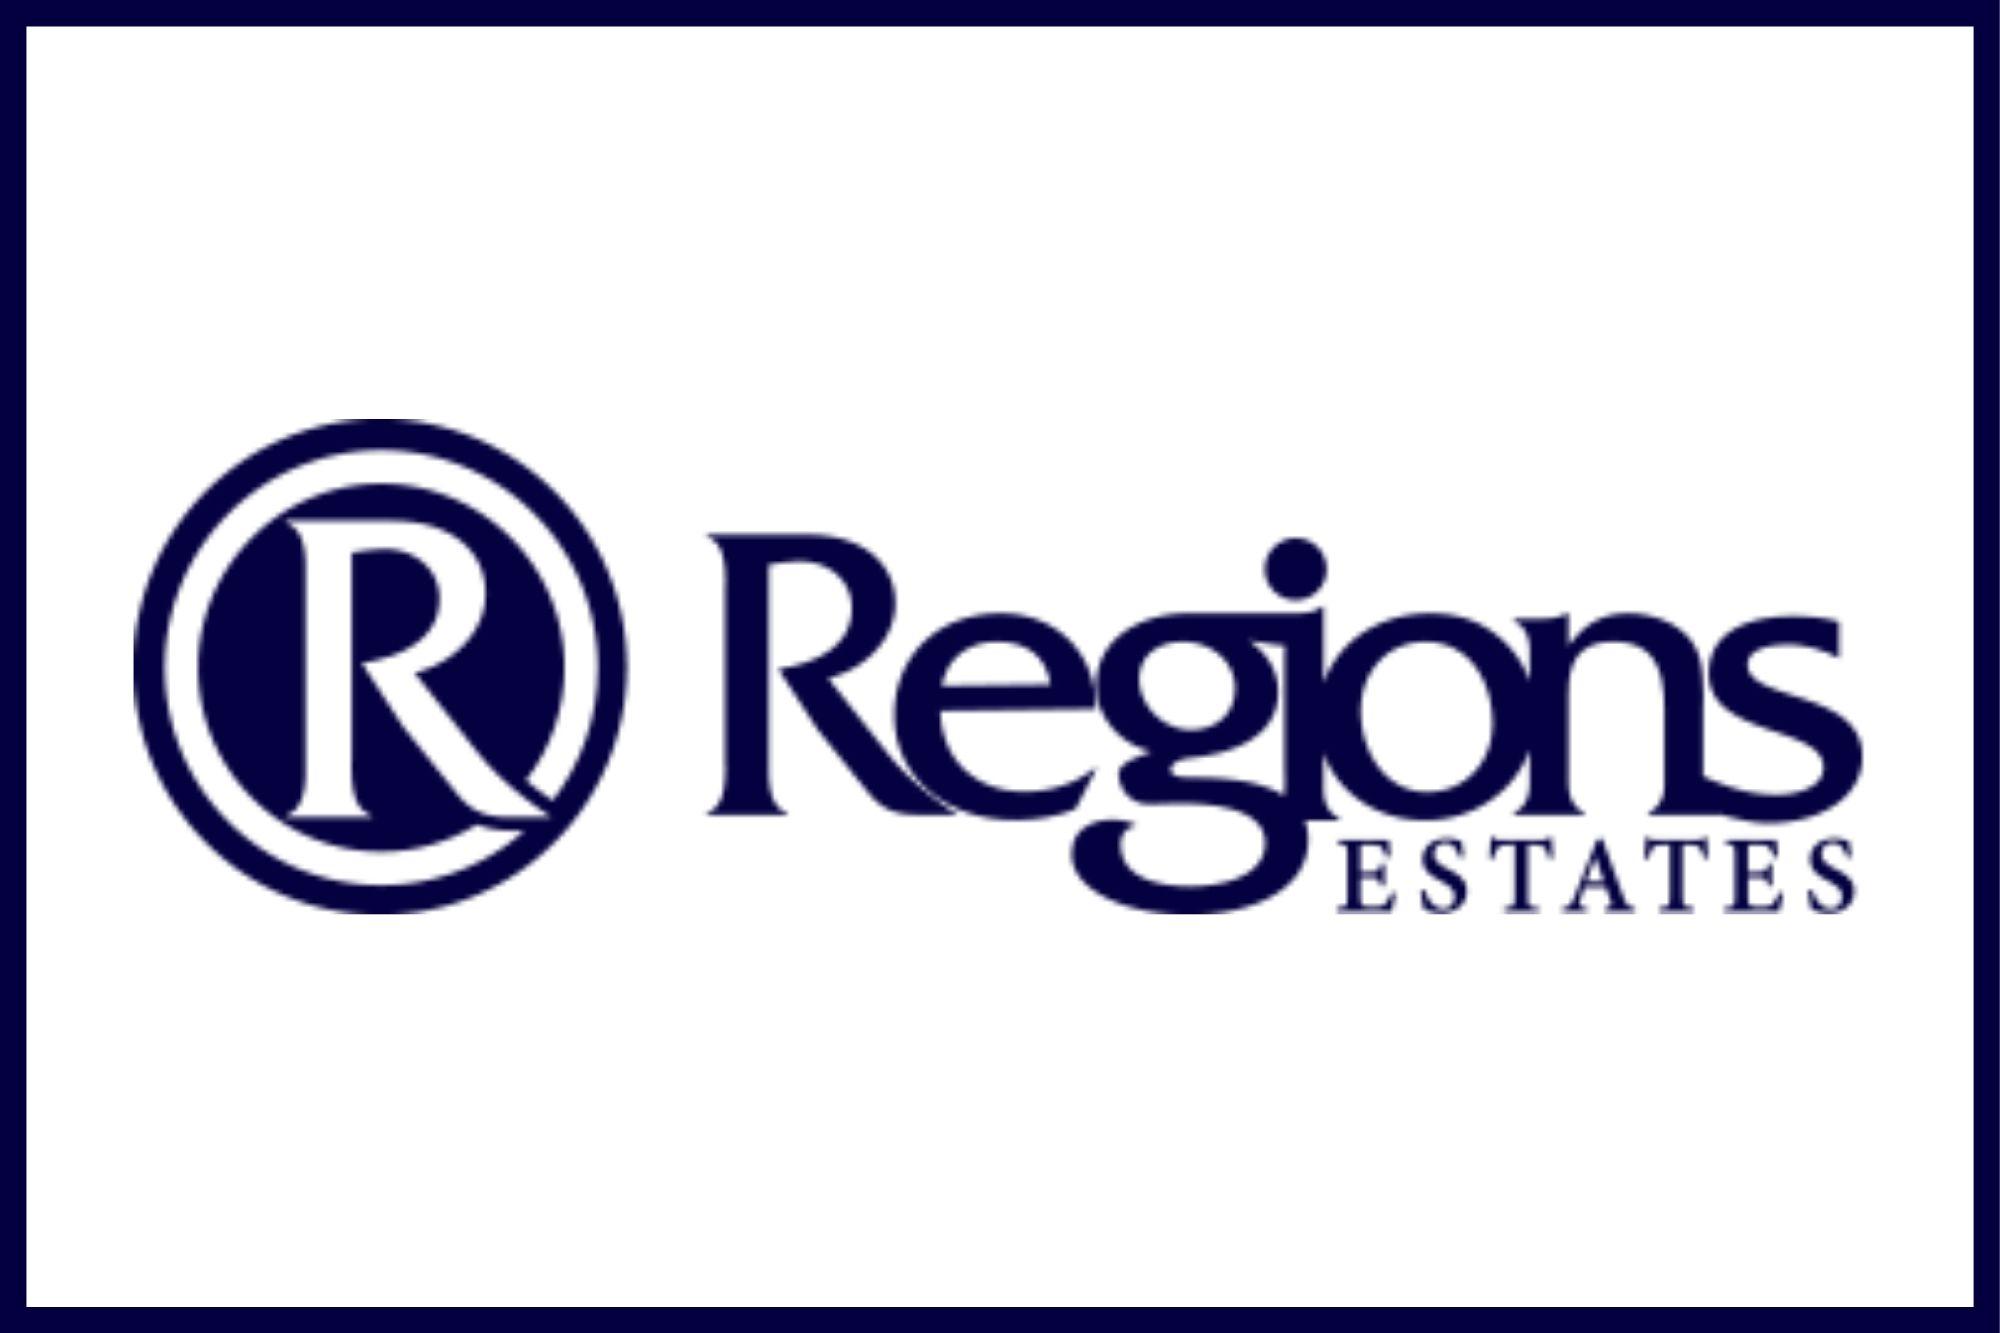 Regions Estates